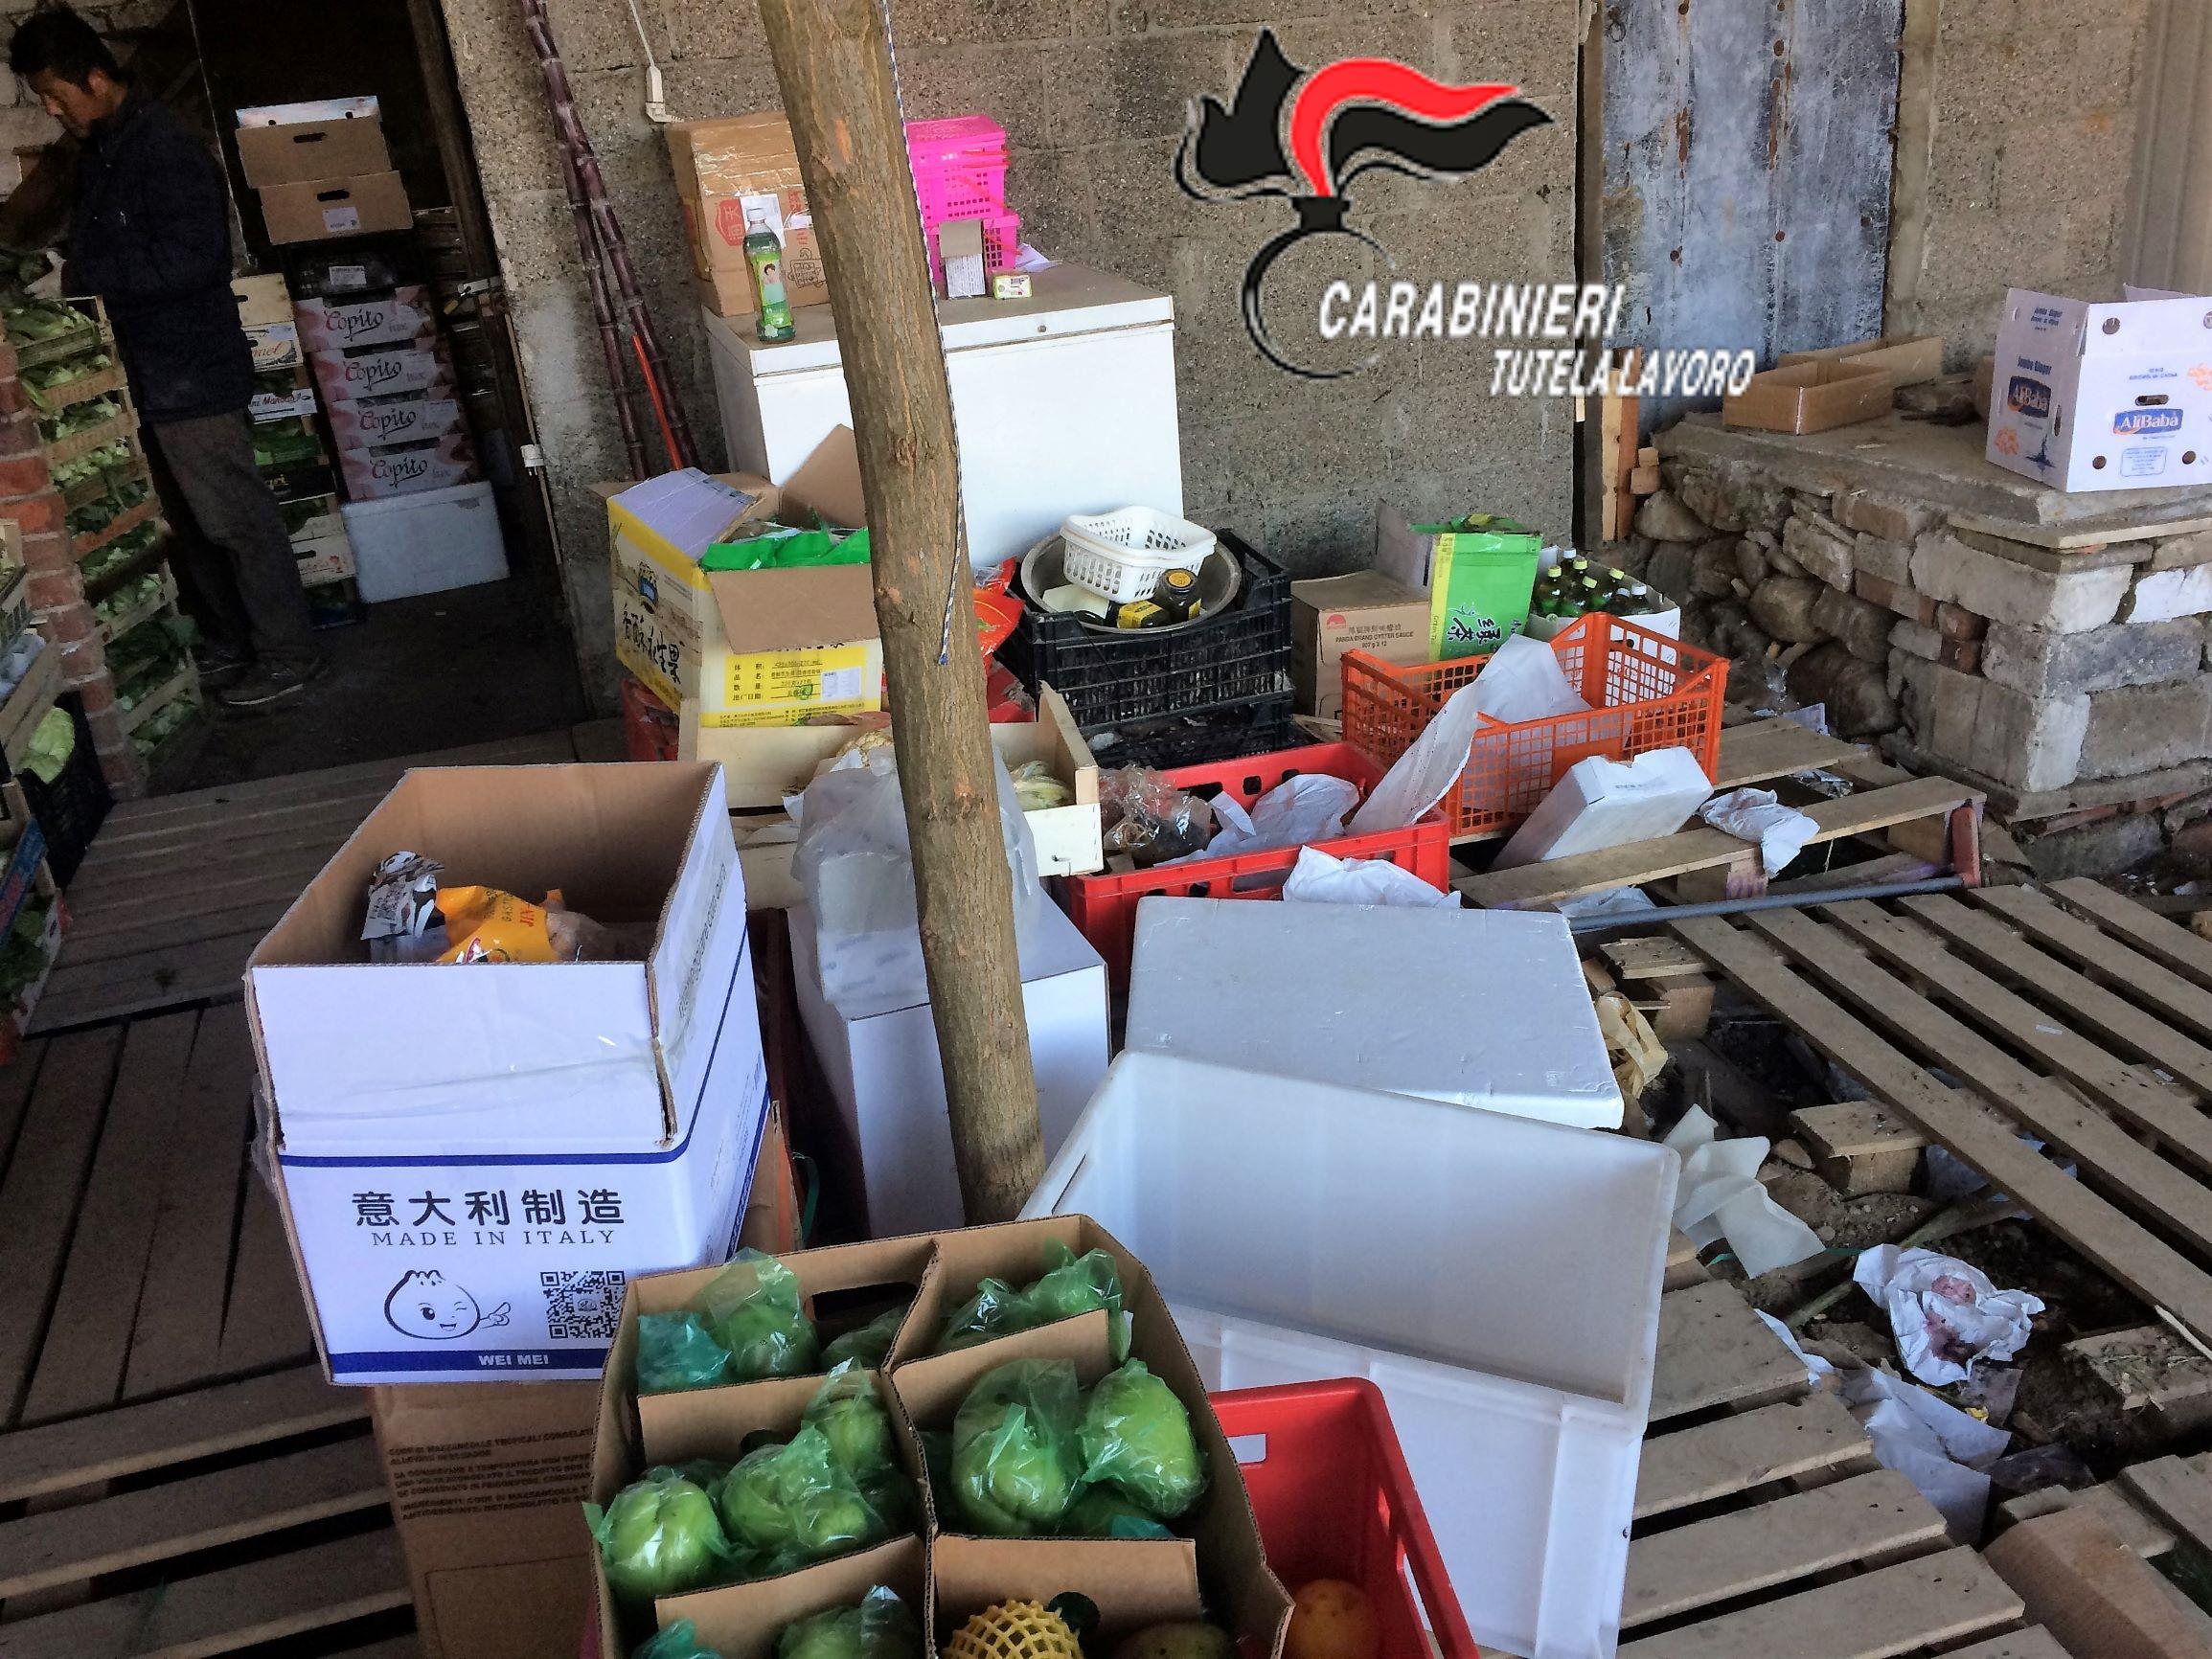 Topi morti nelle scatole di frutta e verdura. Arrestato a ...